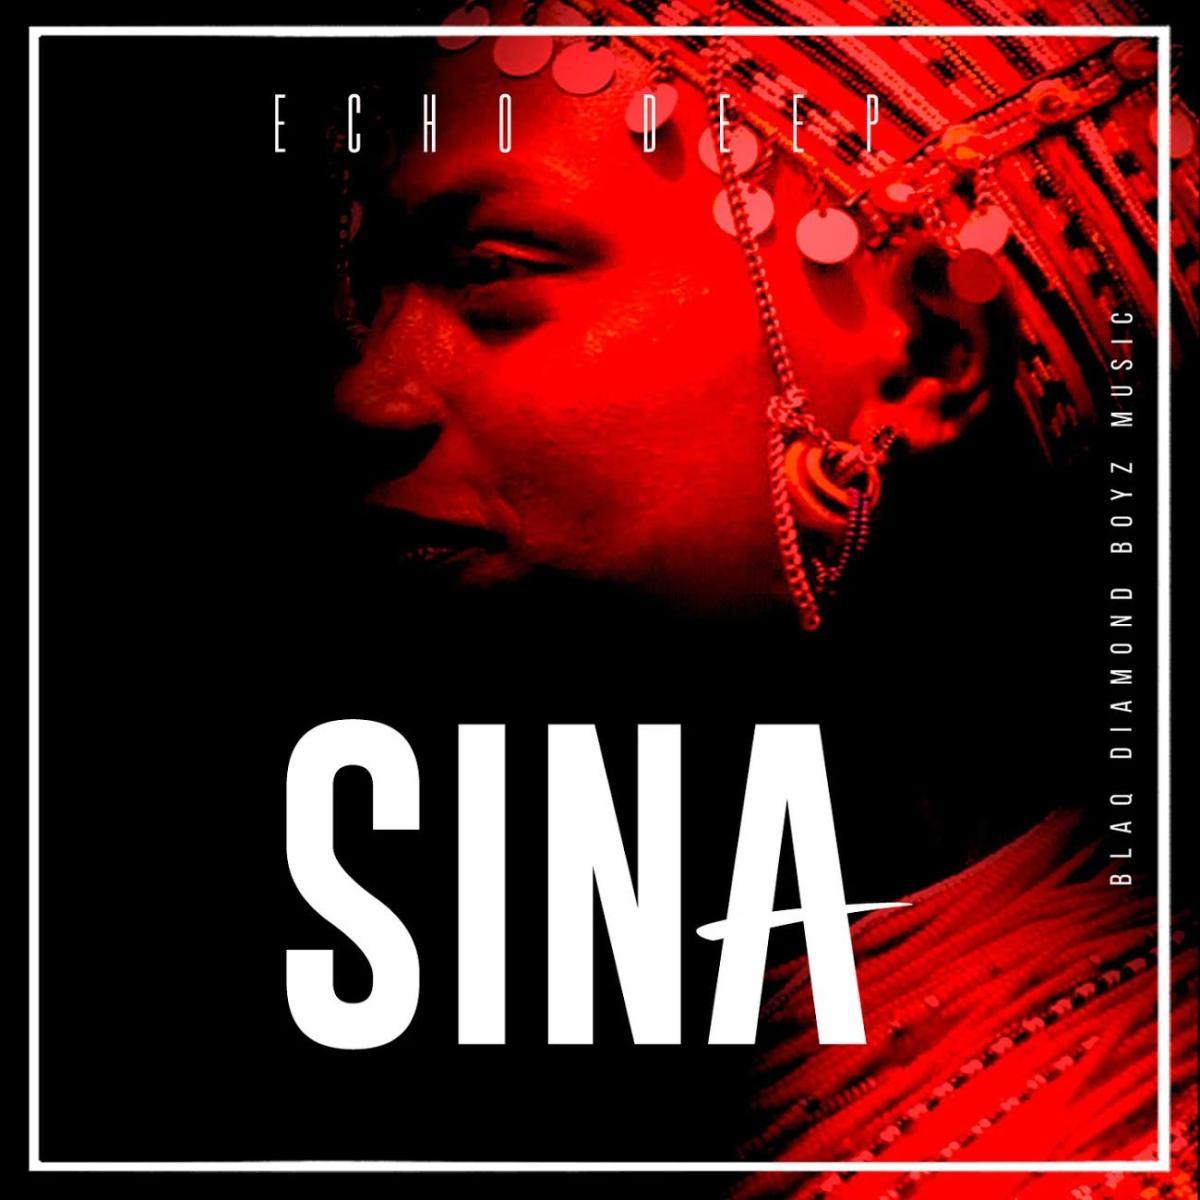 Echo Deep - Sina